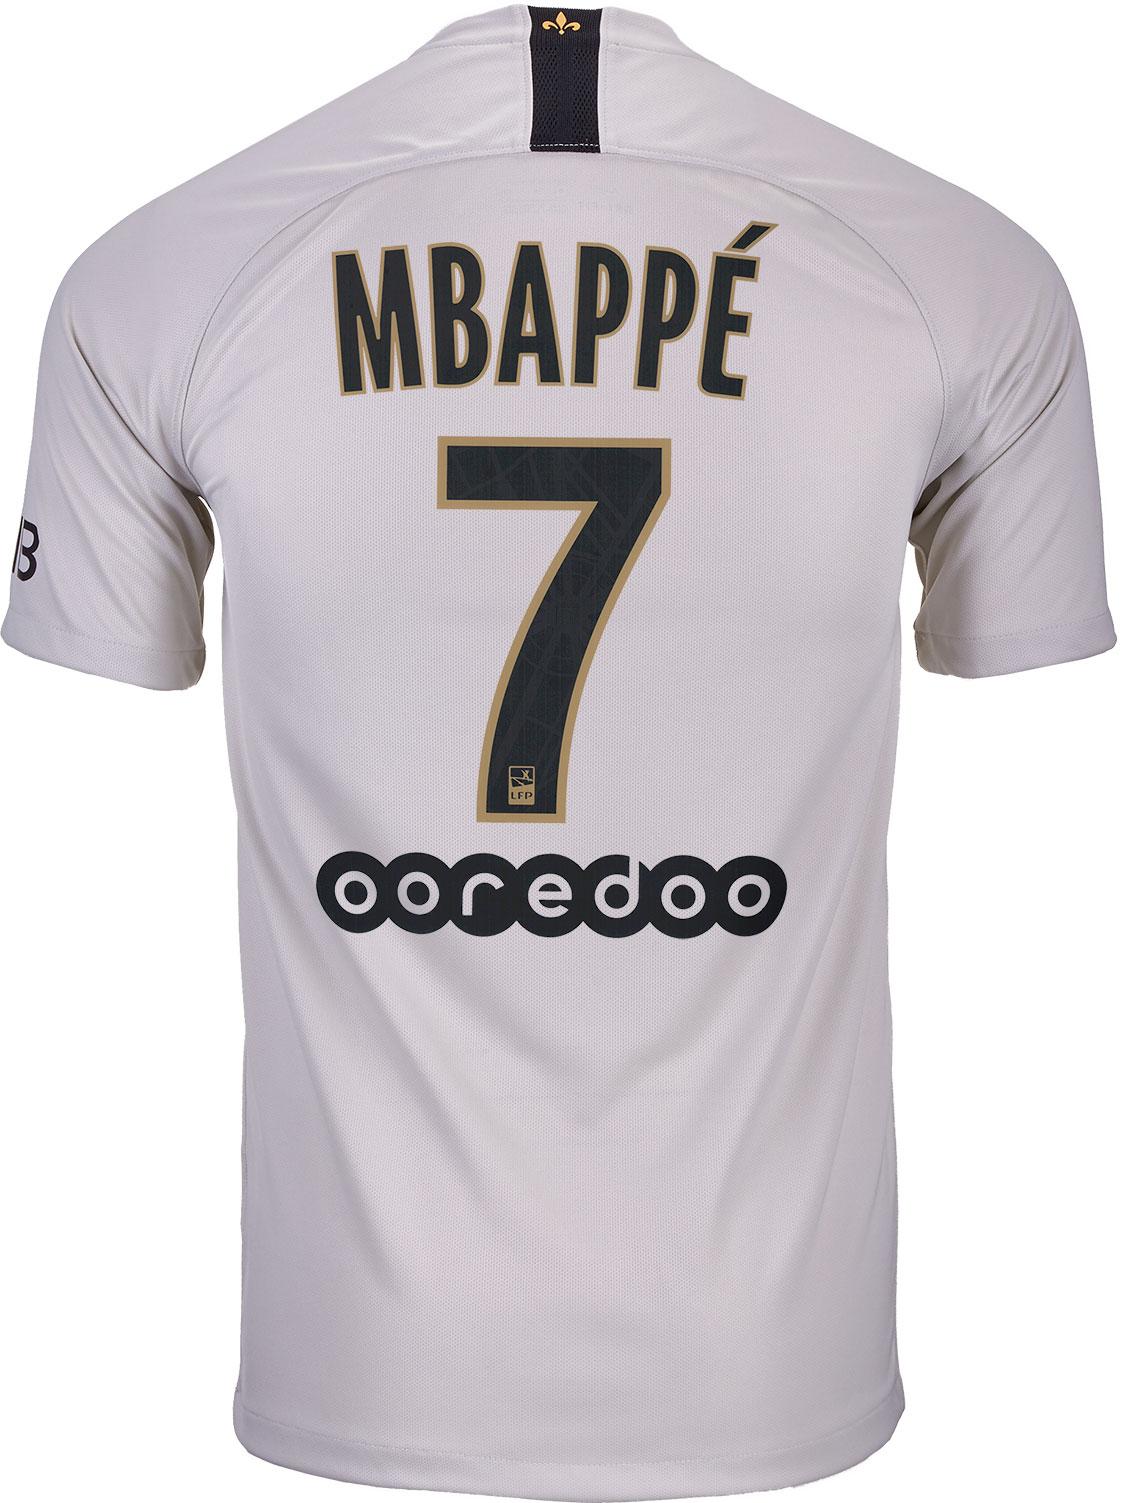 mbappe away kit